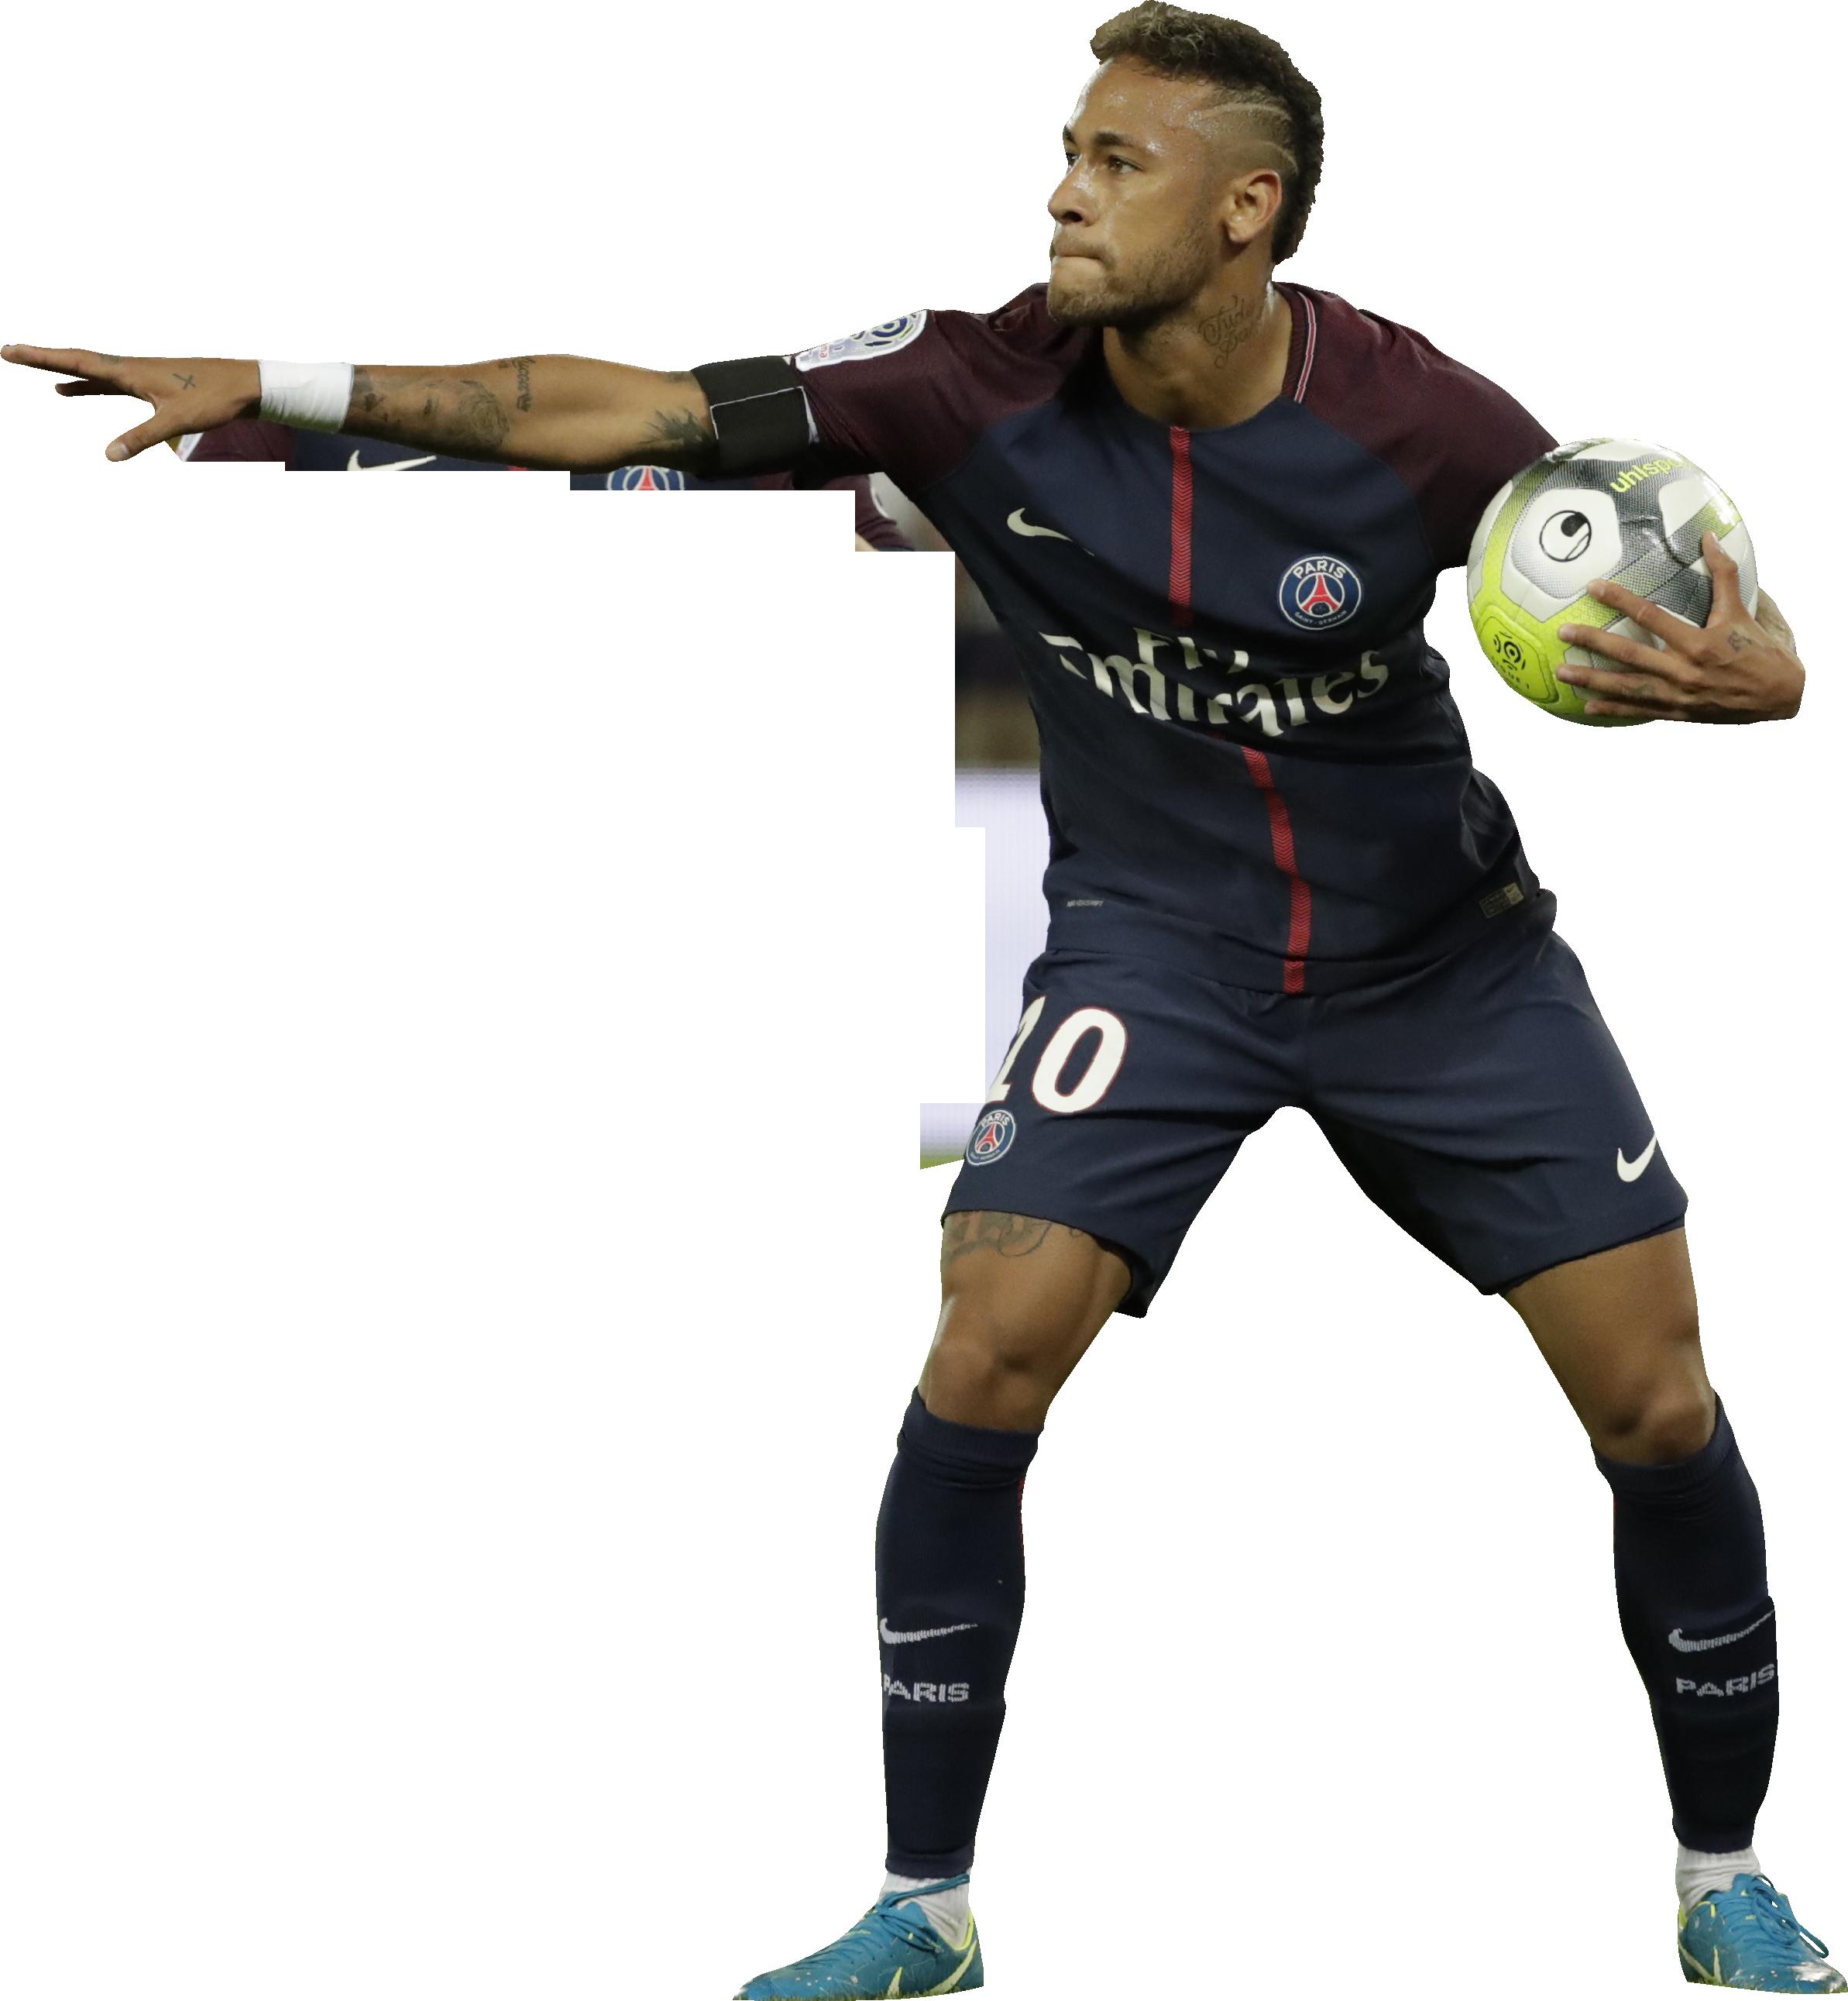 Neymar football render - 40408 - FootyRenders